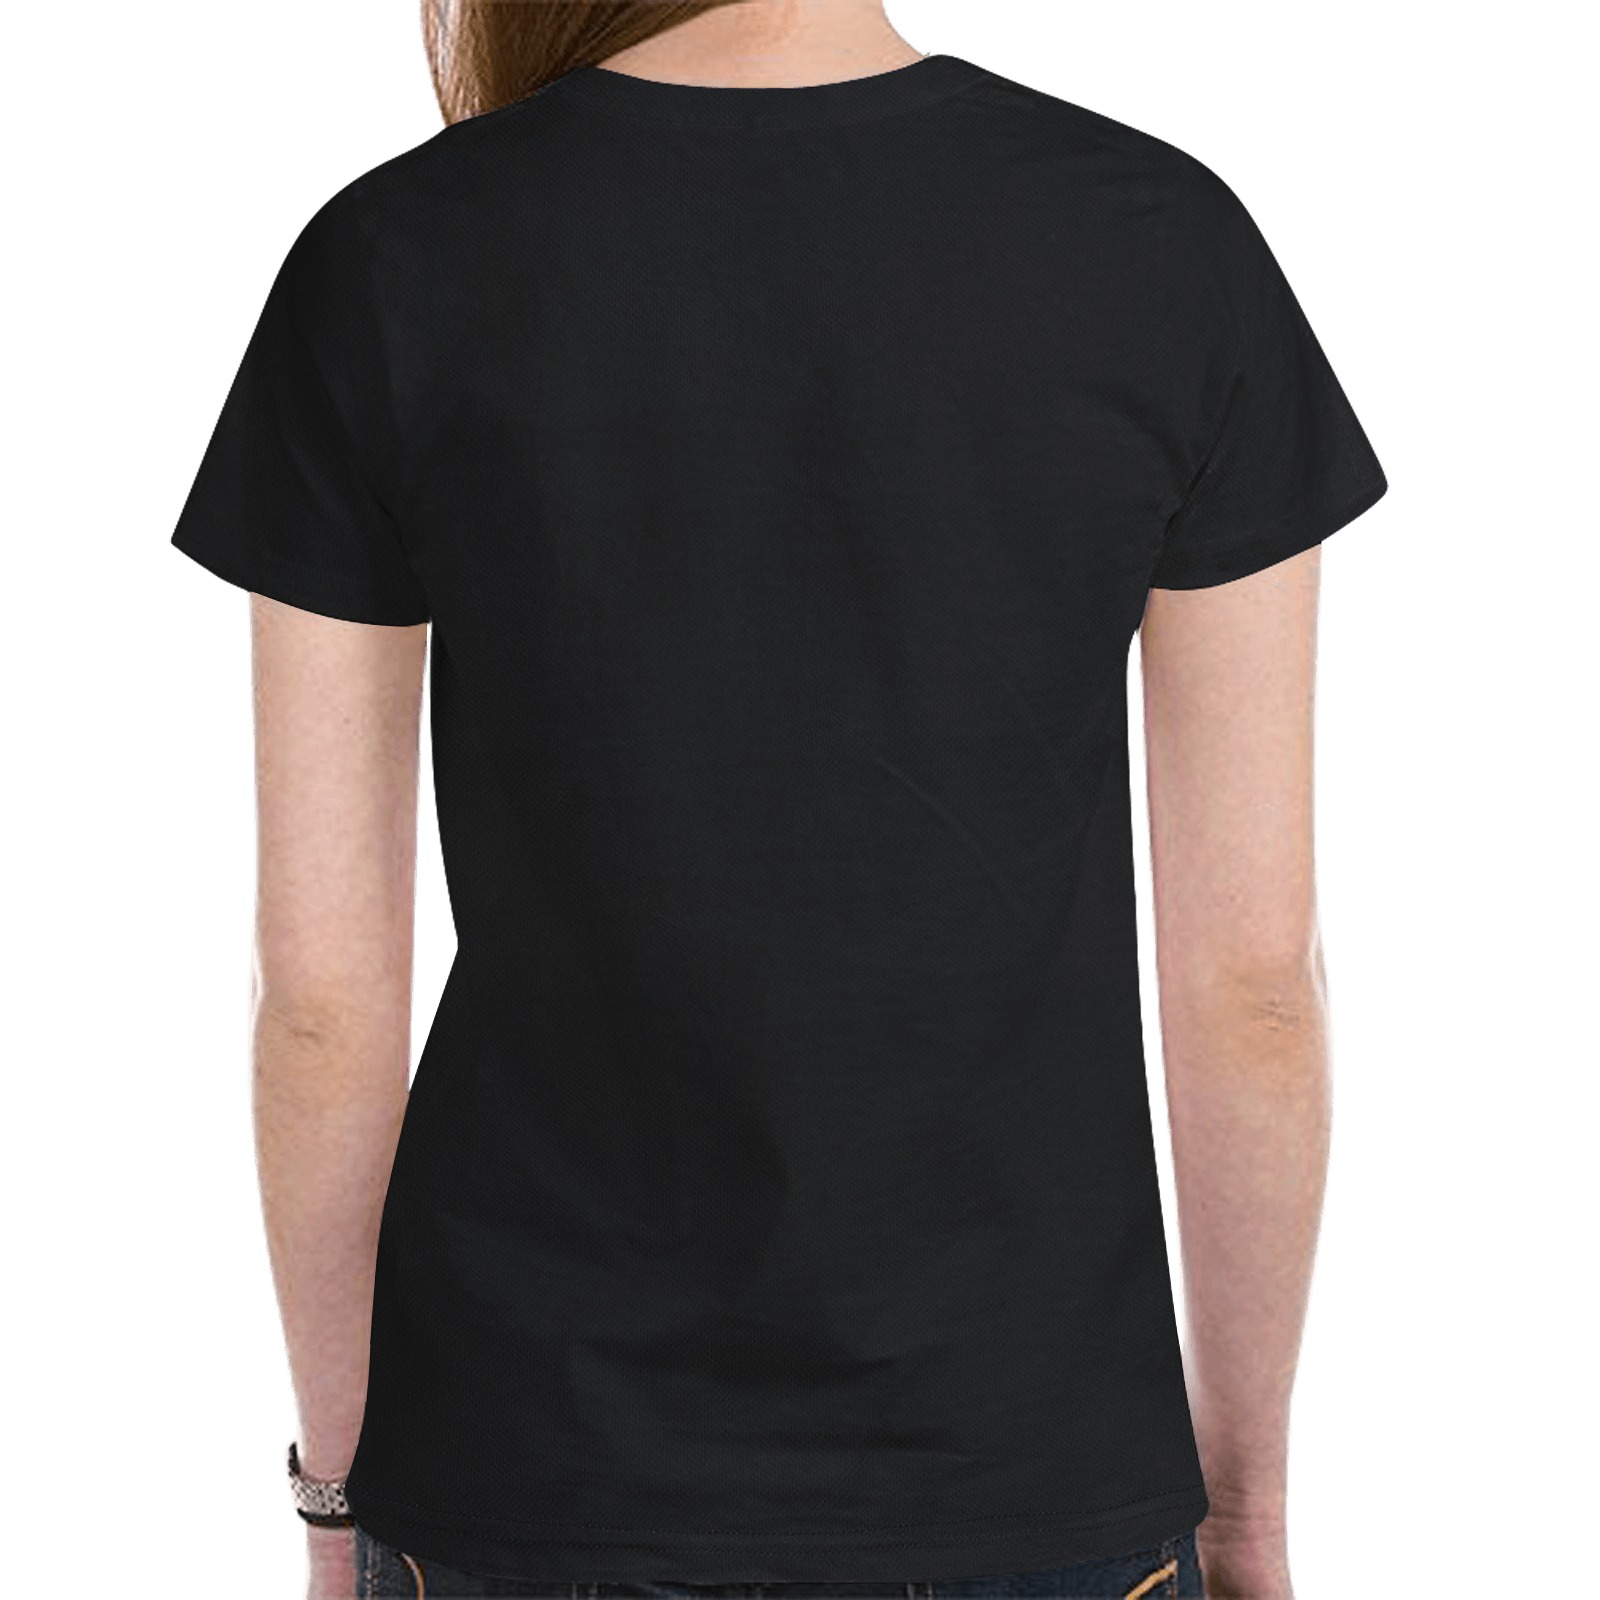 Critical Craze Ramen Death New All Over Print T-shirt for Women (Model T45)